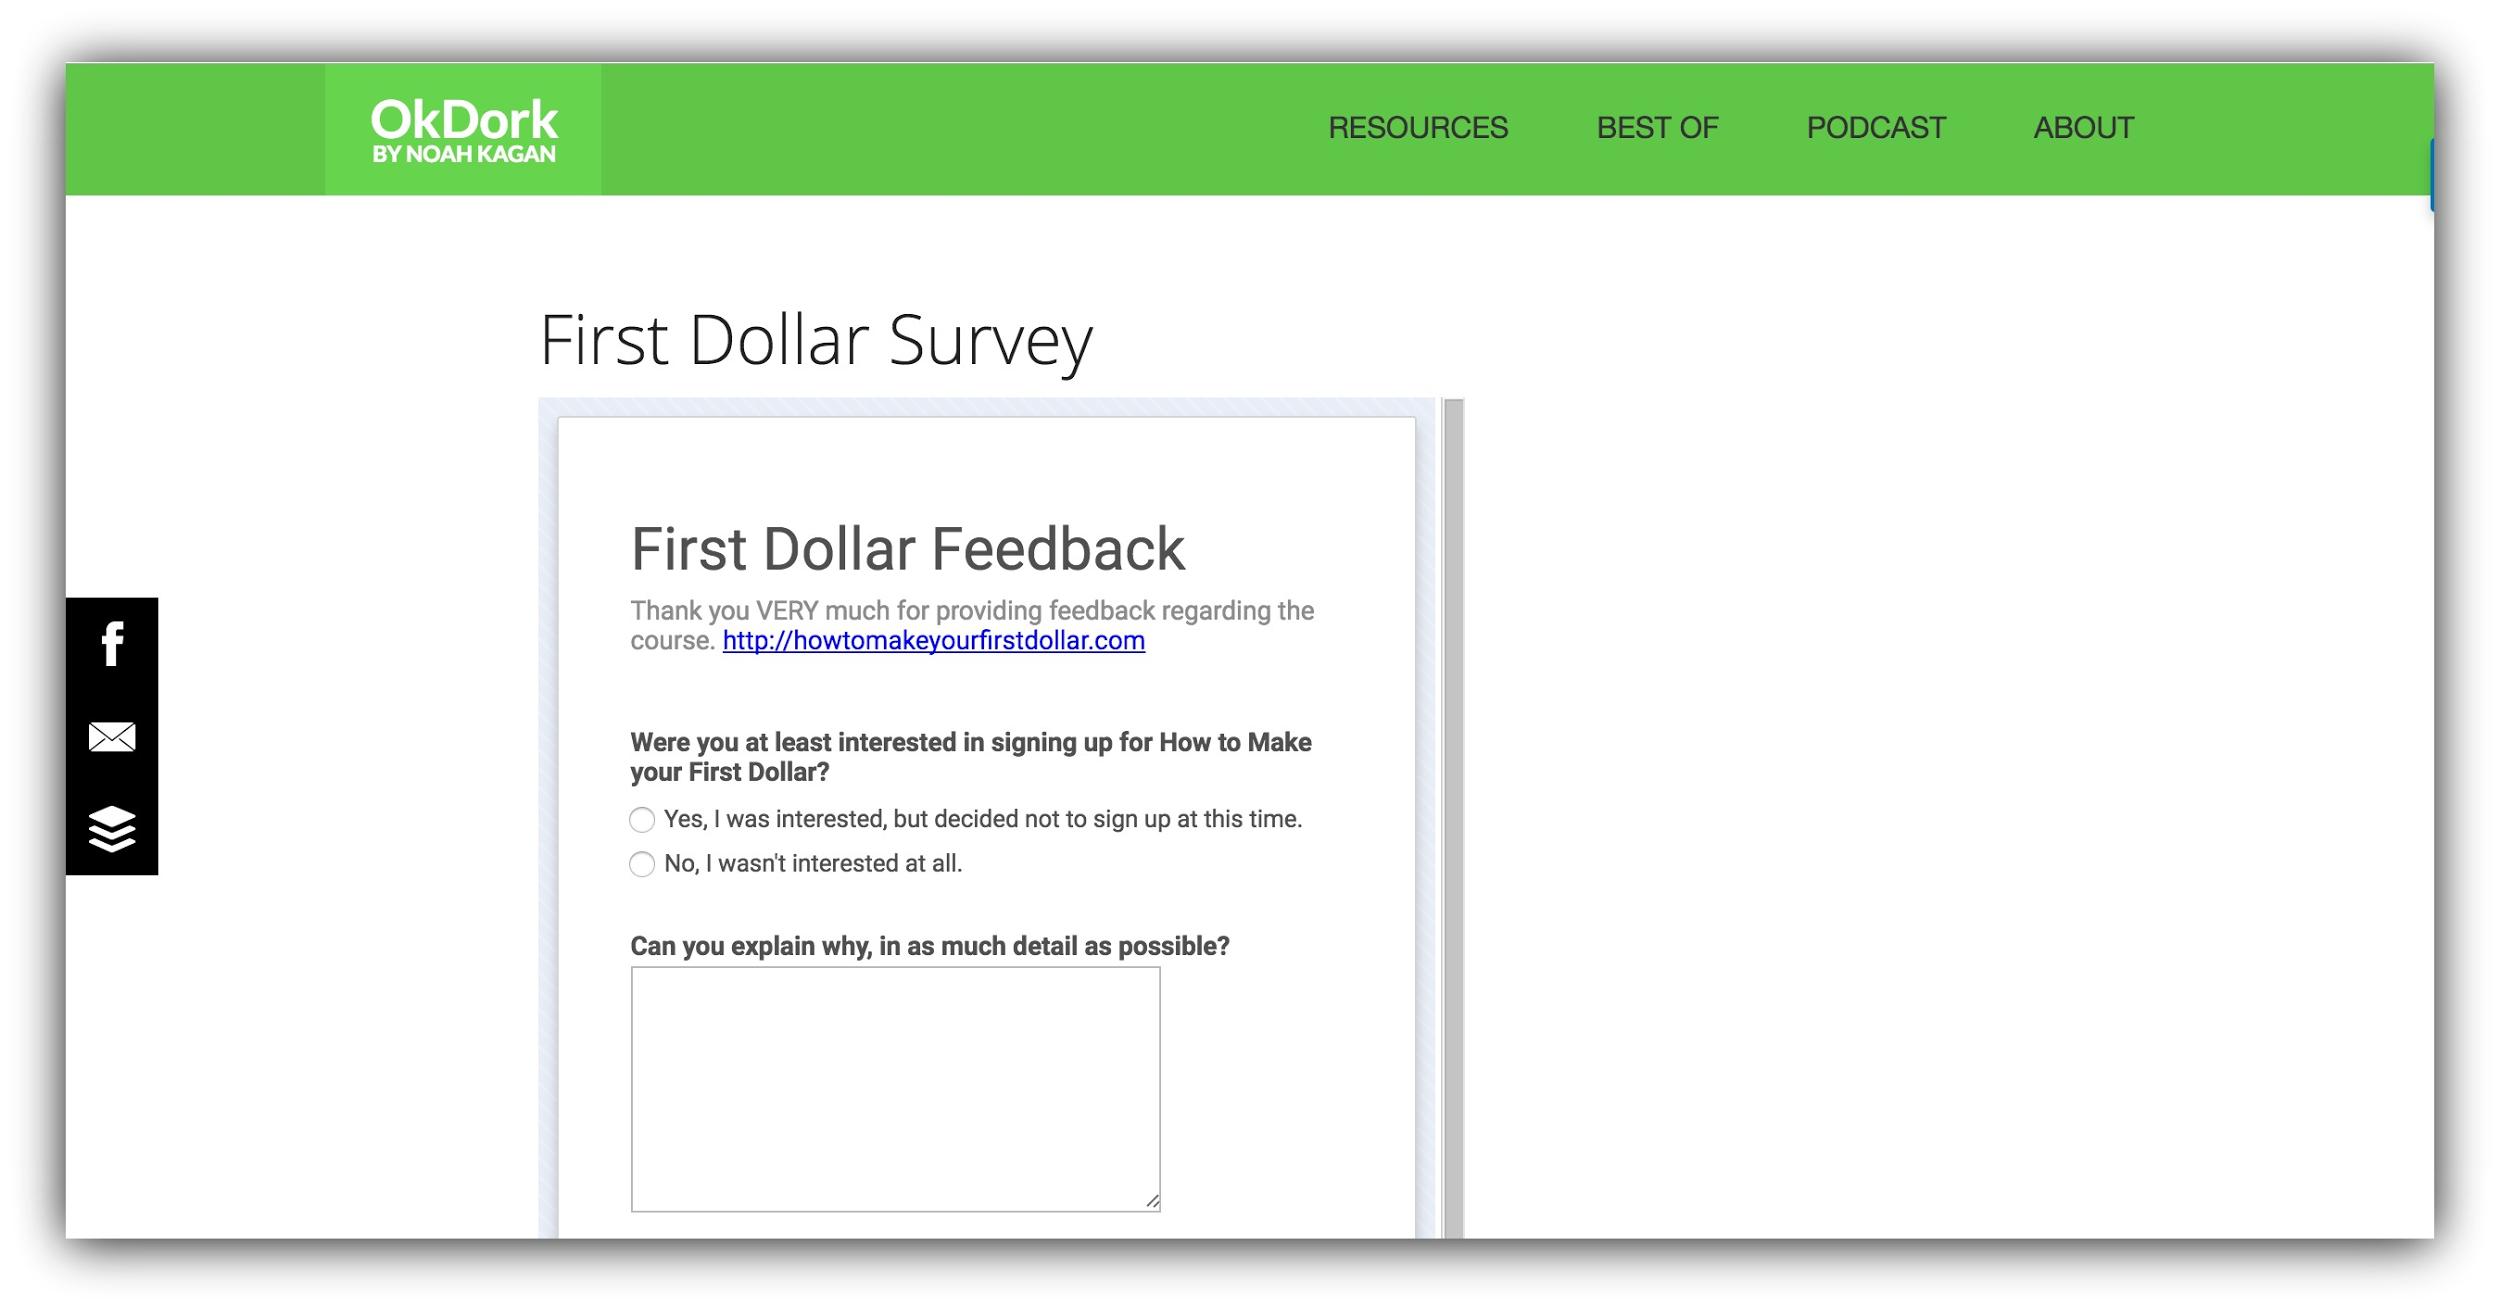 ok dork first dollar survey